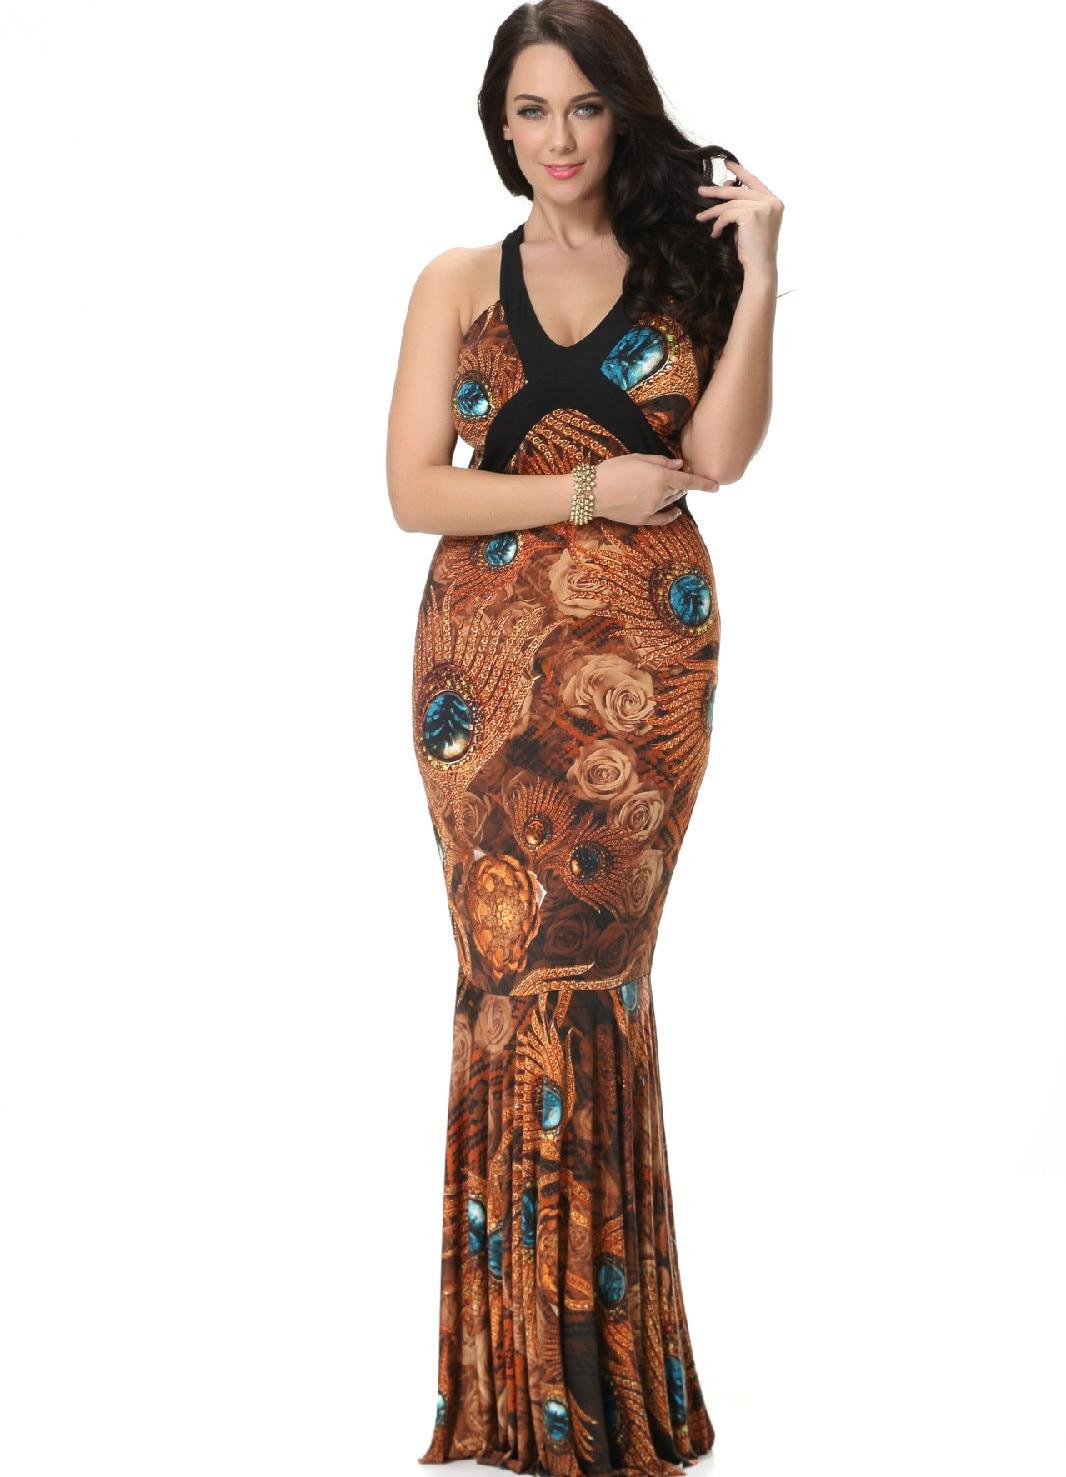 Robe Femme 2019 D'été Bohème Sexy Trompette Maxi Longues Robes Femme Sans Manches Slim Taille grande taille 7XL 6XL 5XL CM299